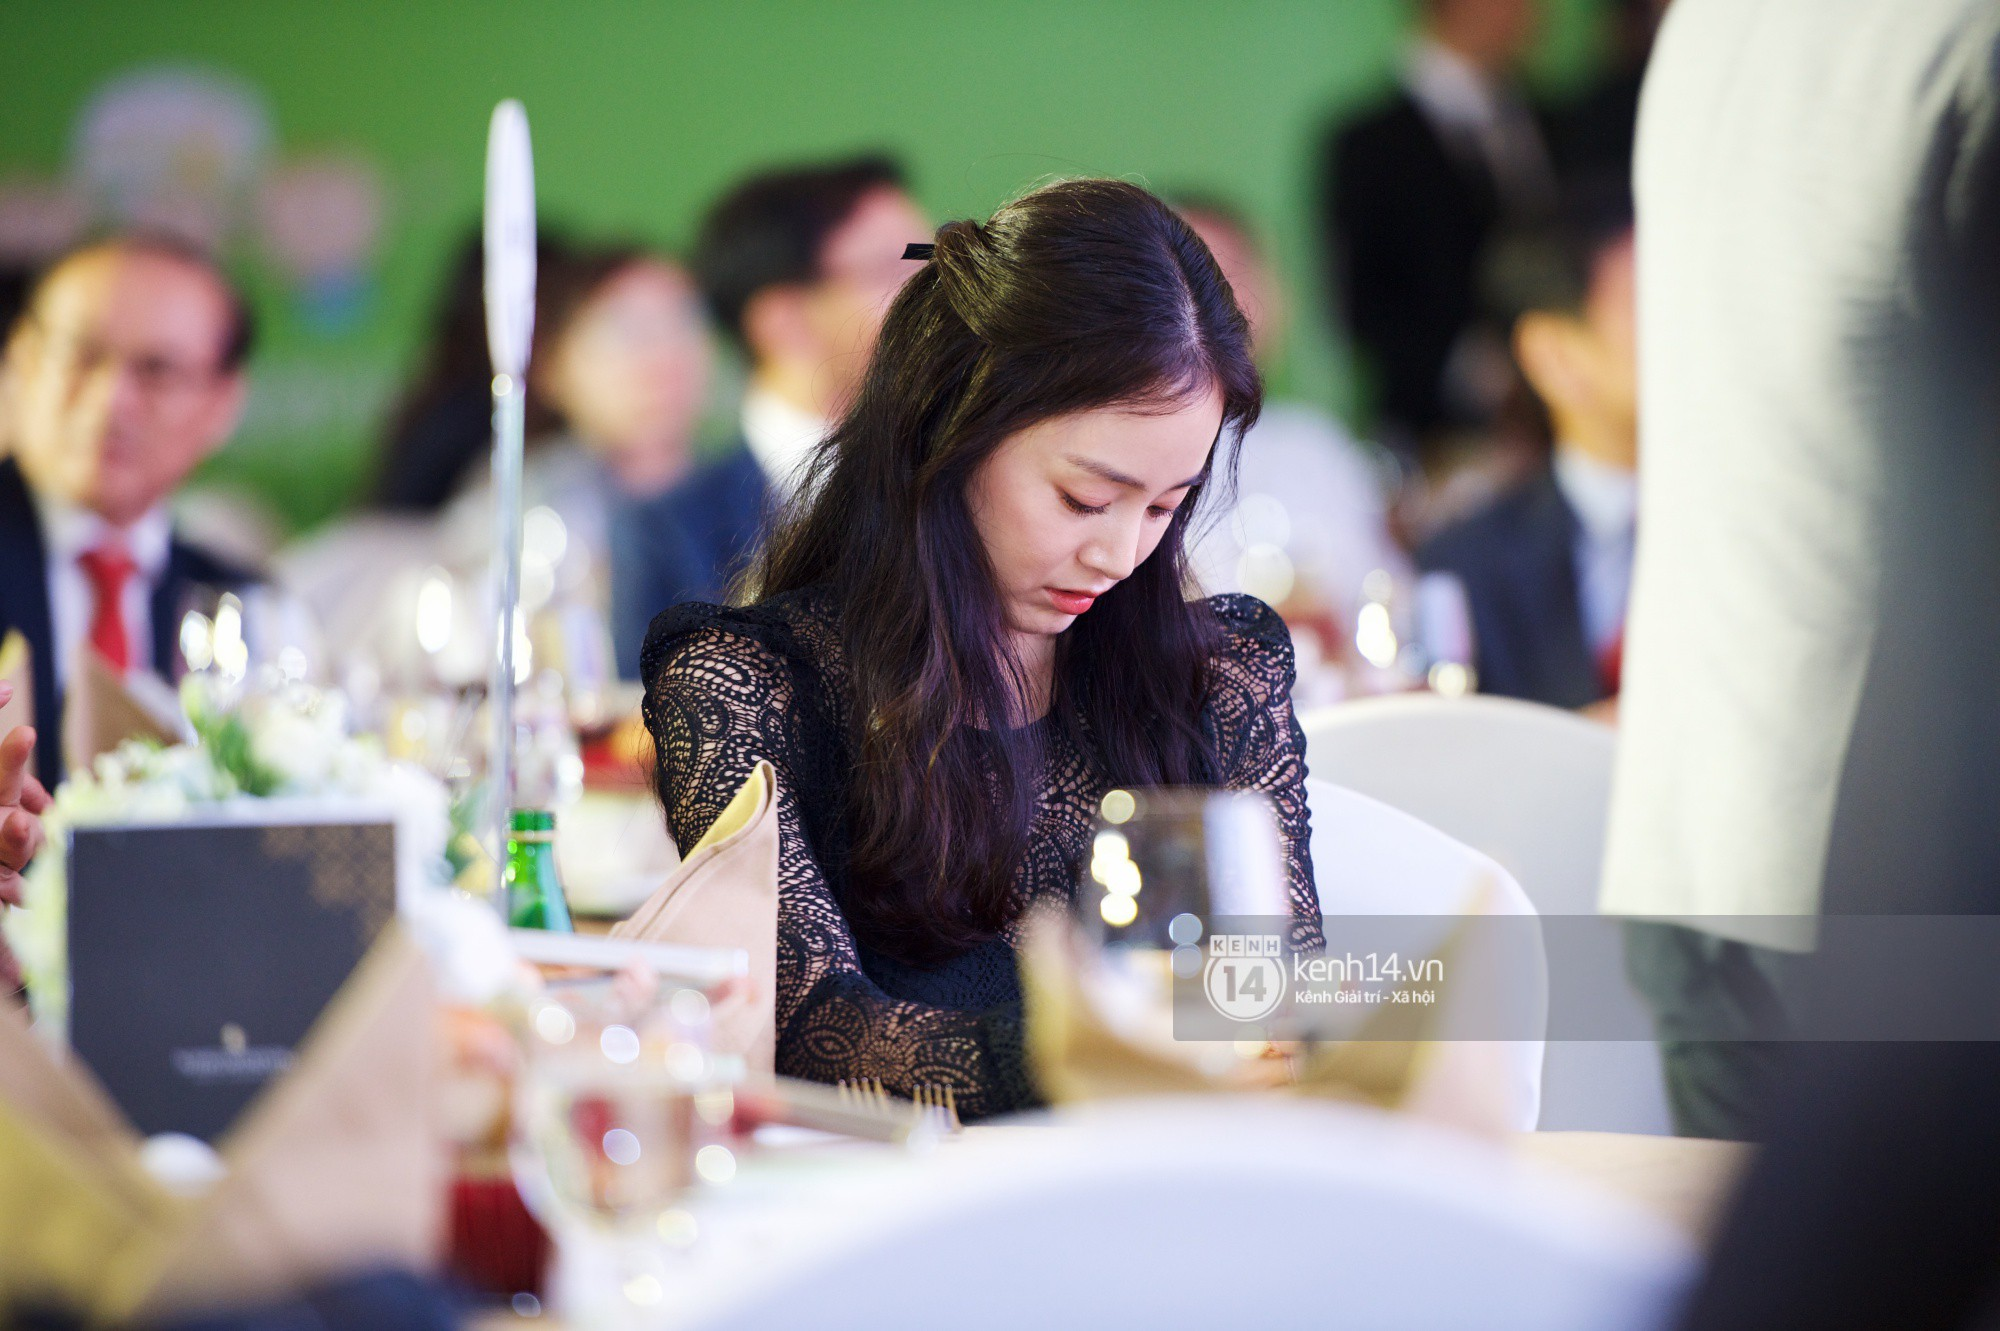 Bộ ảnh đẹp nhất của Kim Tae Hee tại đêm tiệc Hàn ở Hà Nội: Khoảnh khắc minh tinh châu Á hút hồn toàn bộ khán phòng-7